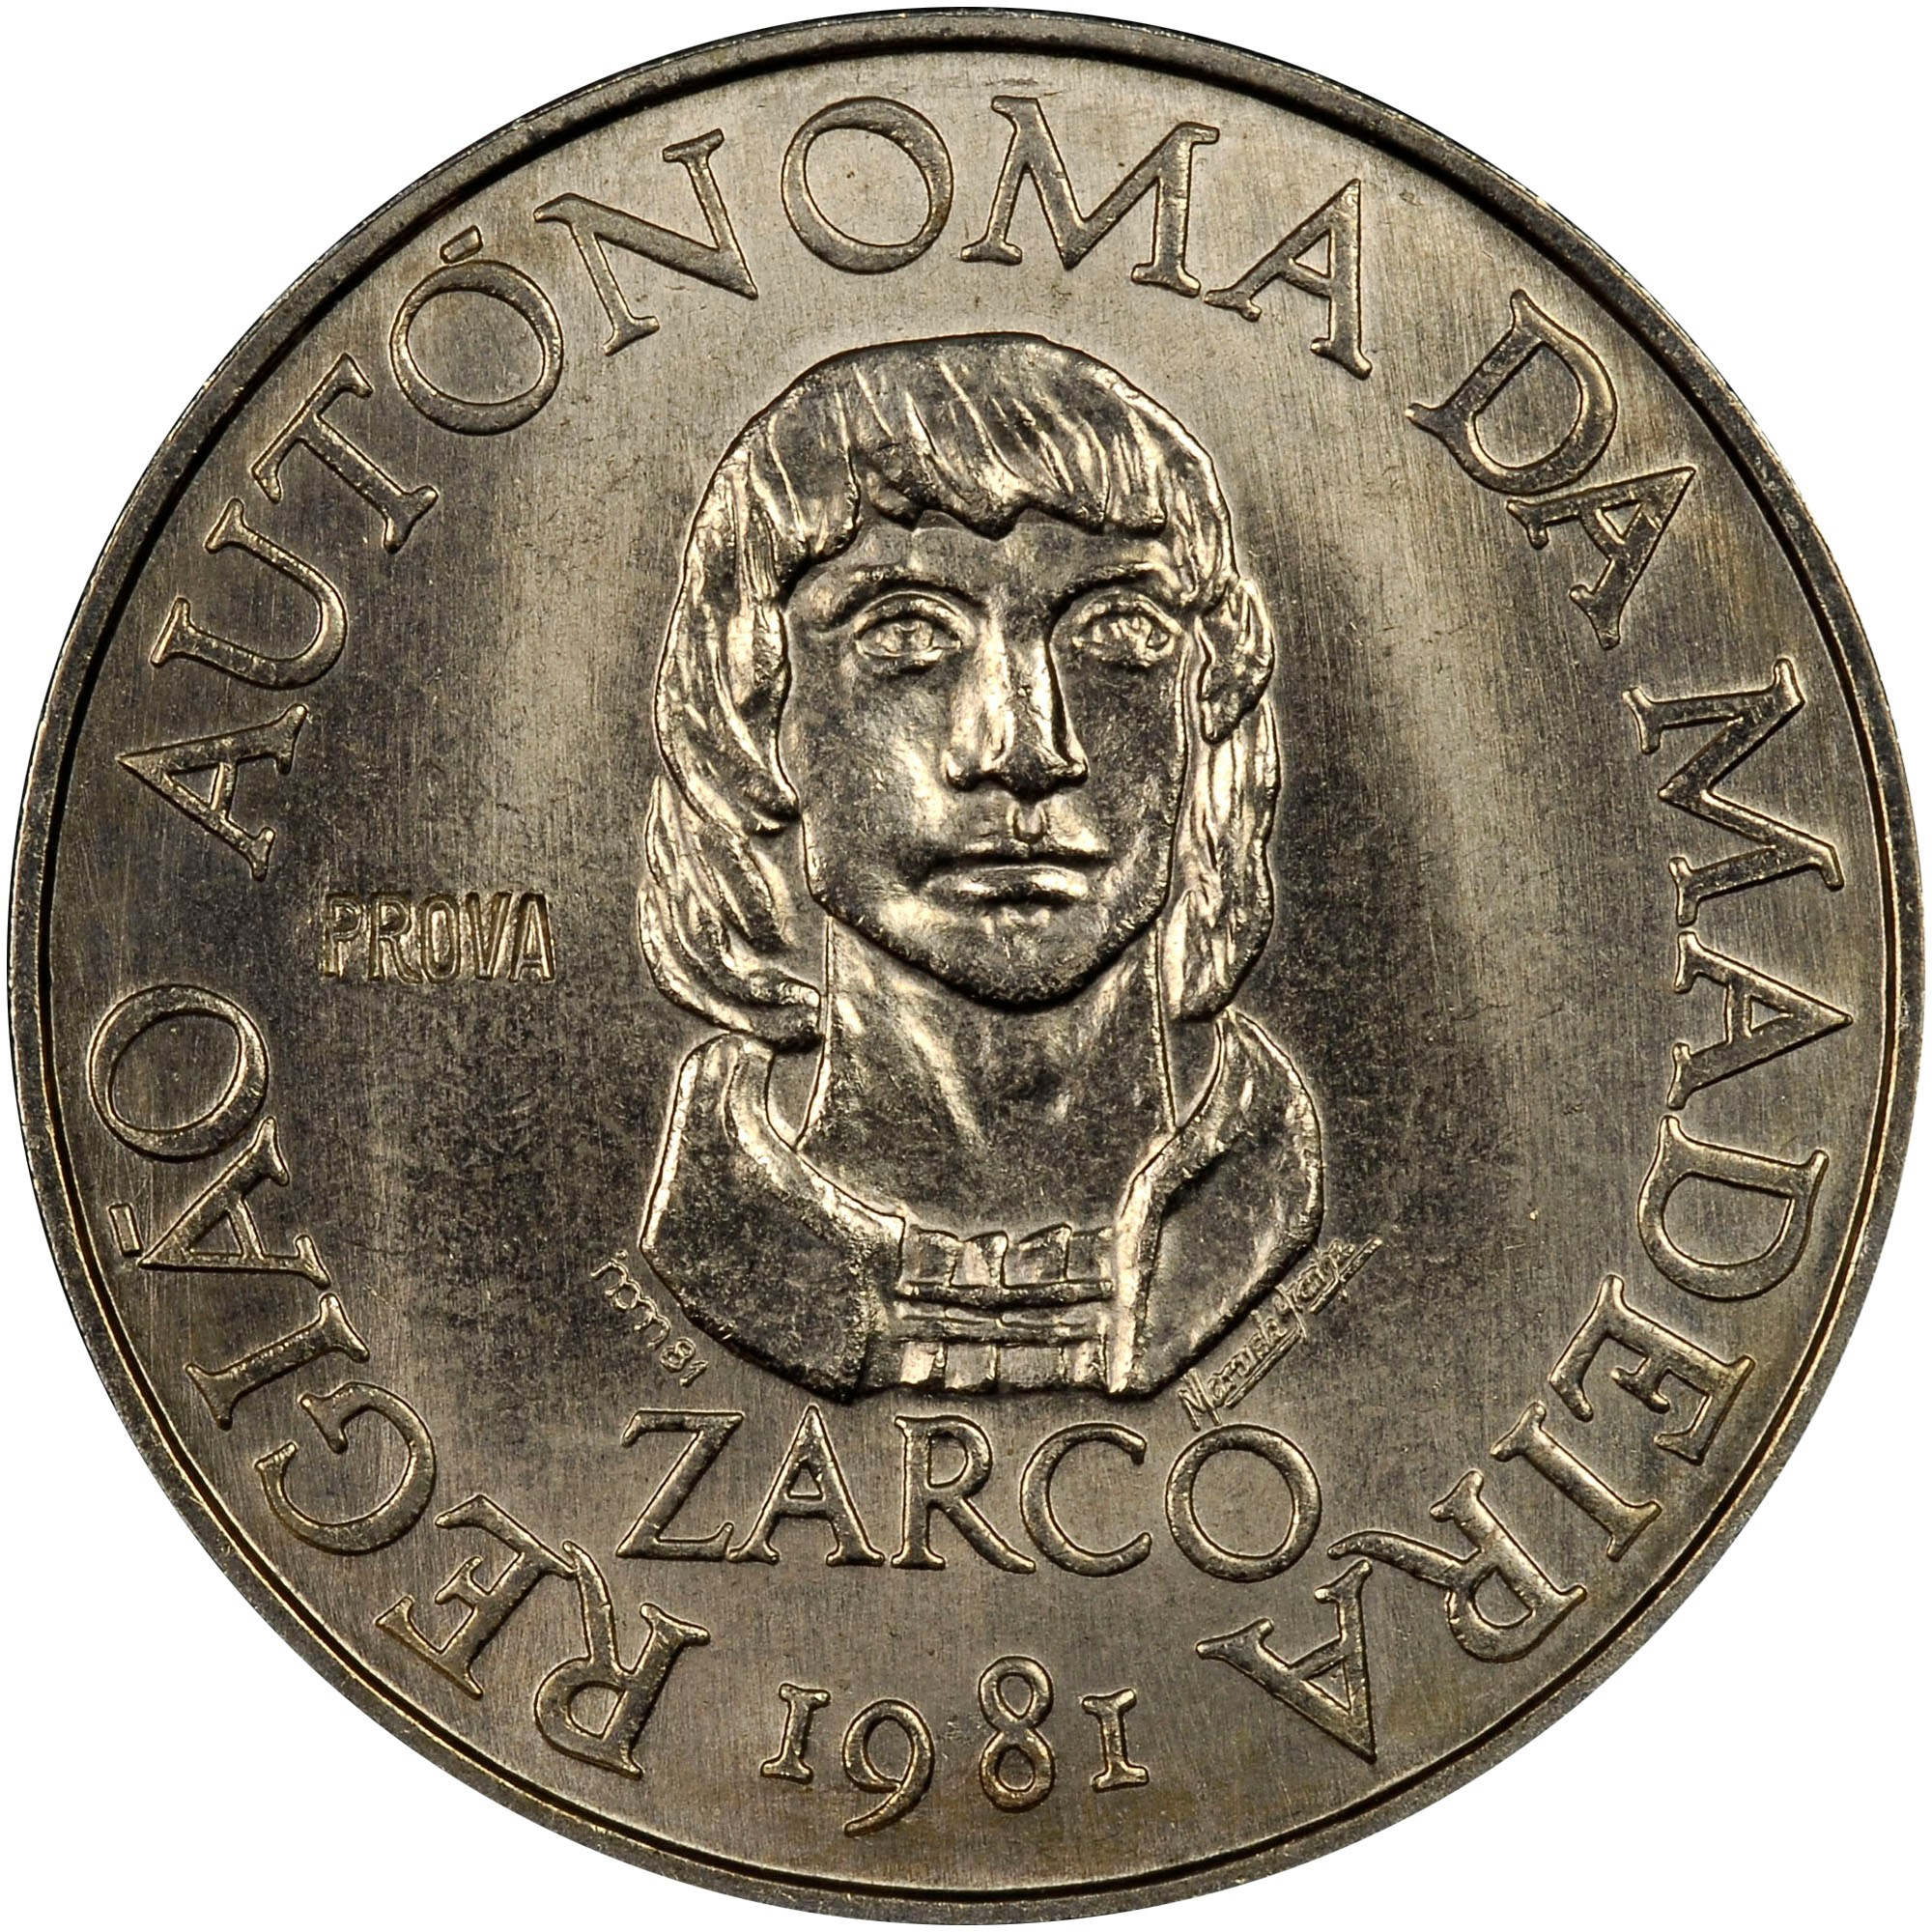 Madeira Islands 100 Escudos reverse